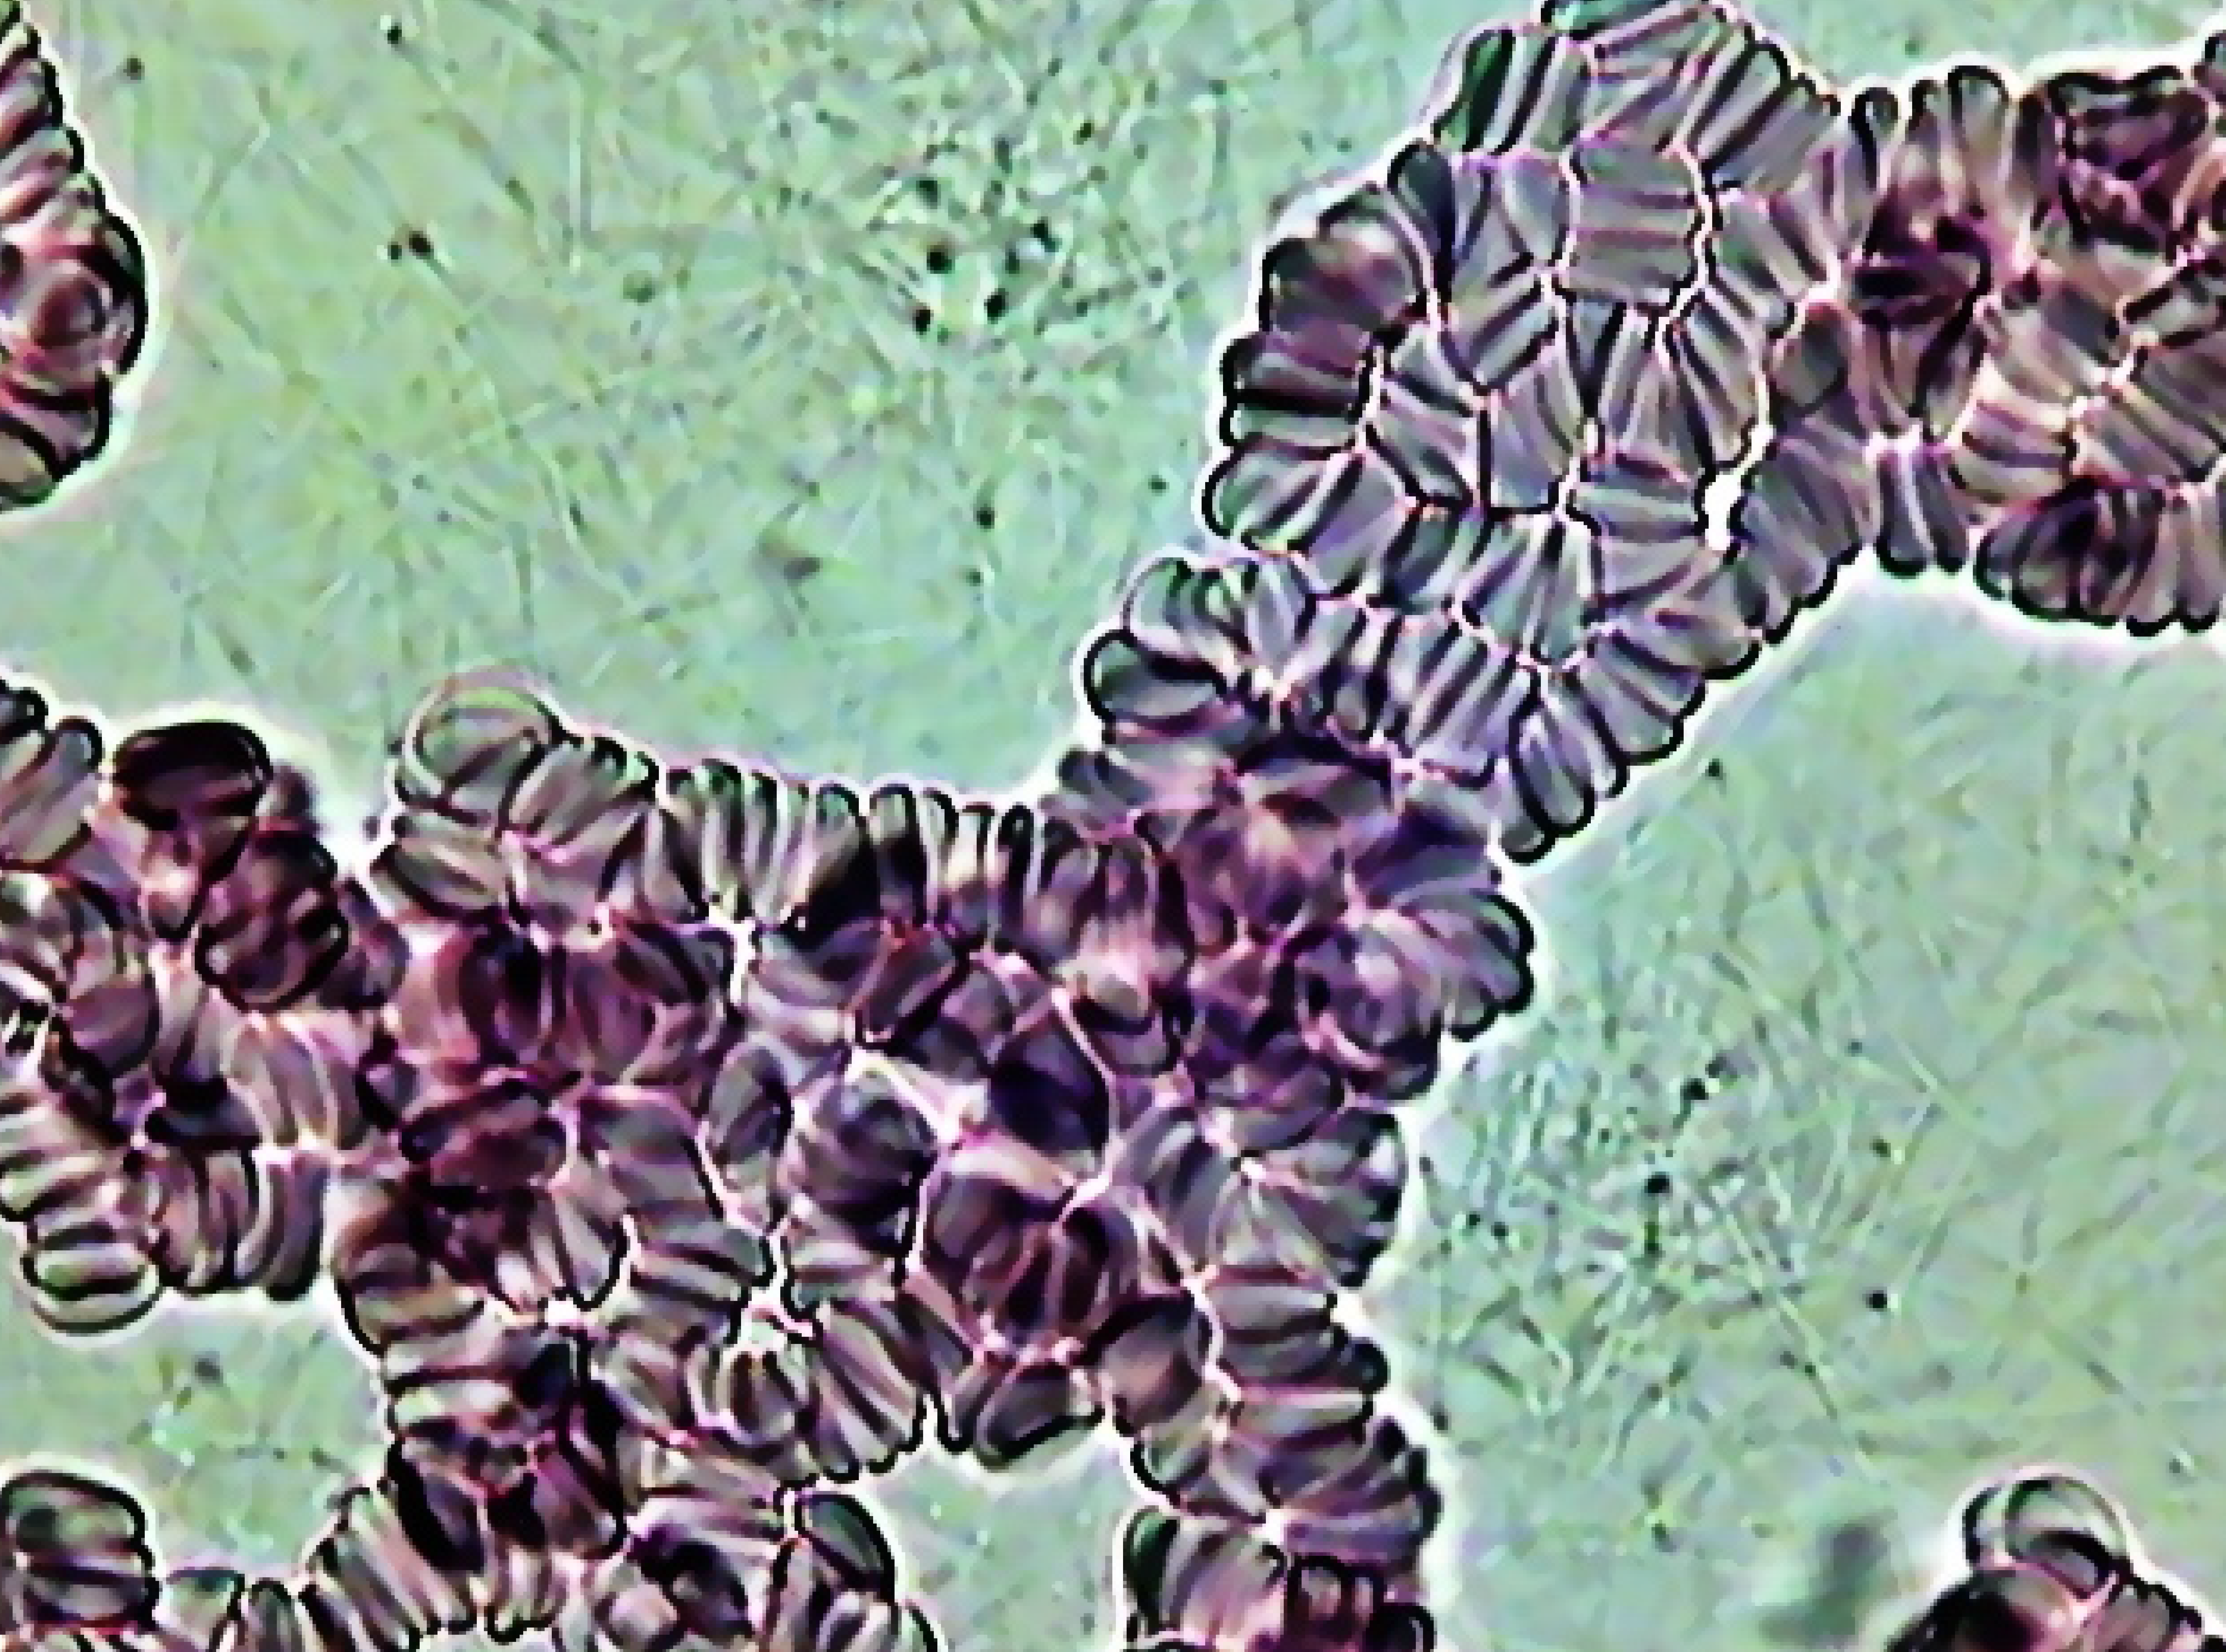 Спикулы фибриногена